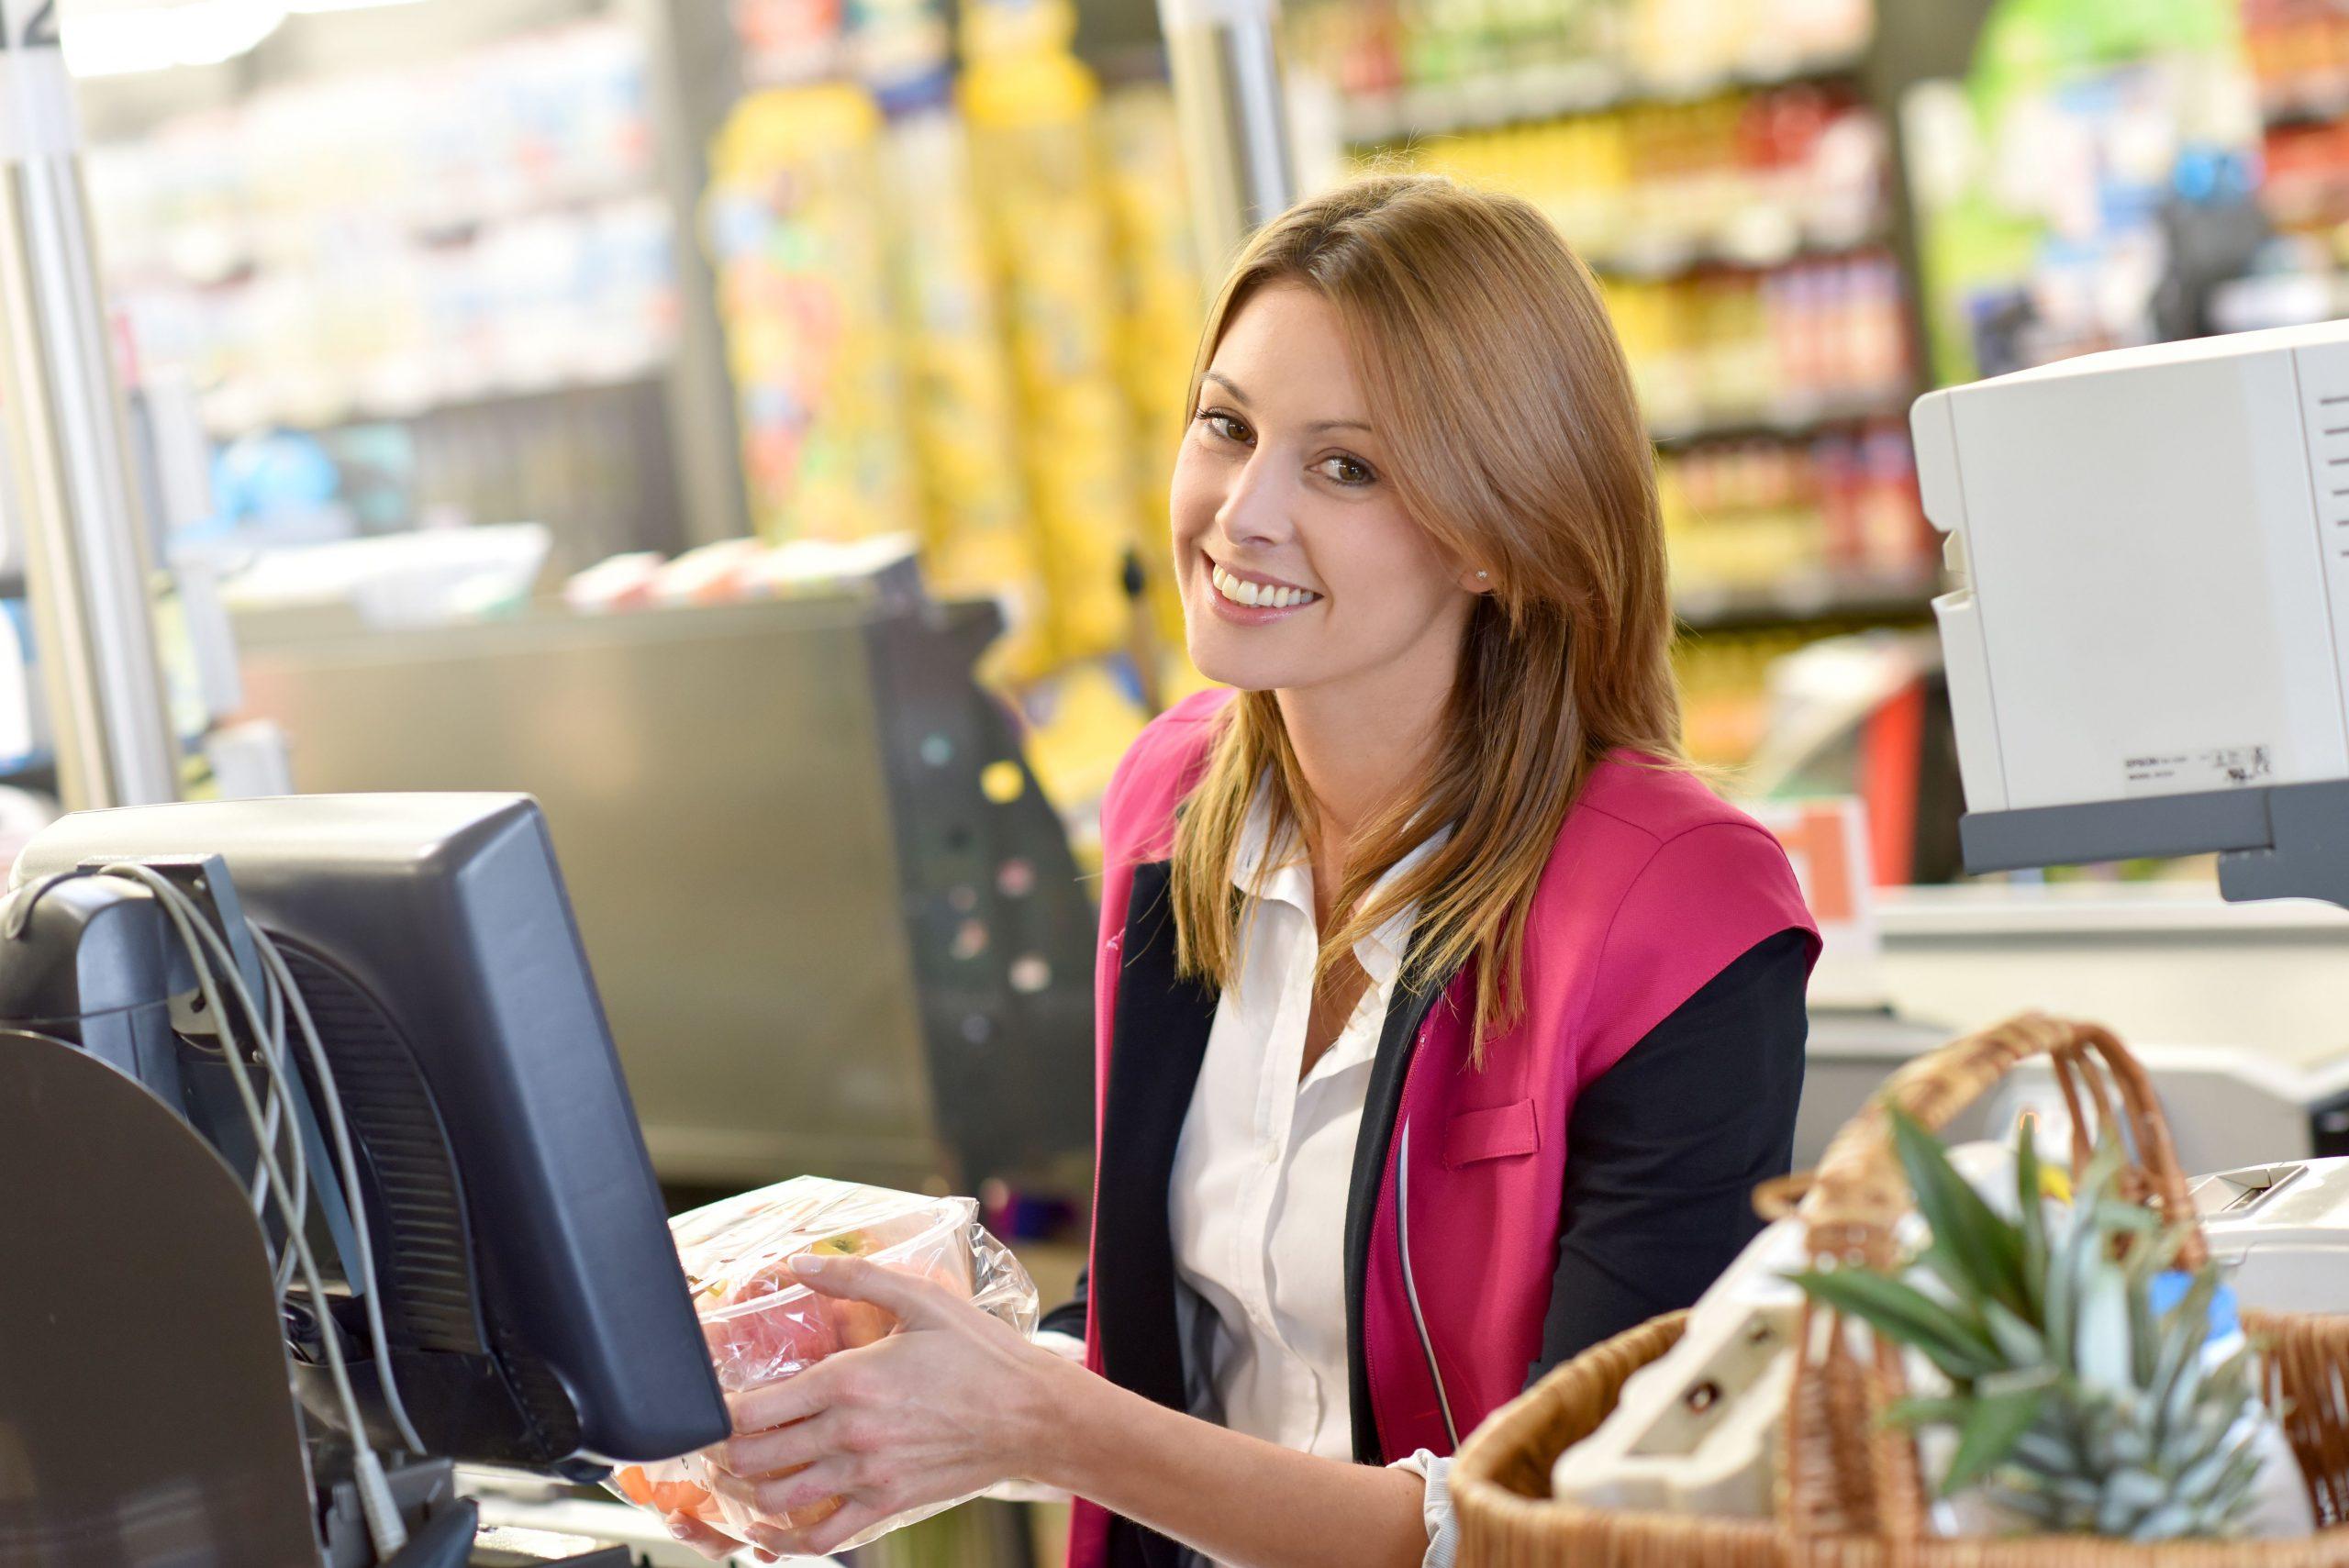 Mejora tu currículum con el curso de cajero, reponedor y atención al cliente